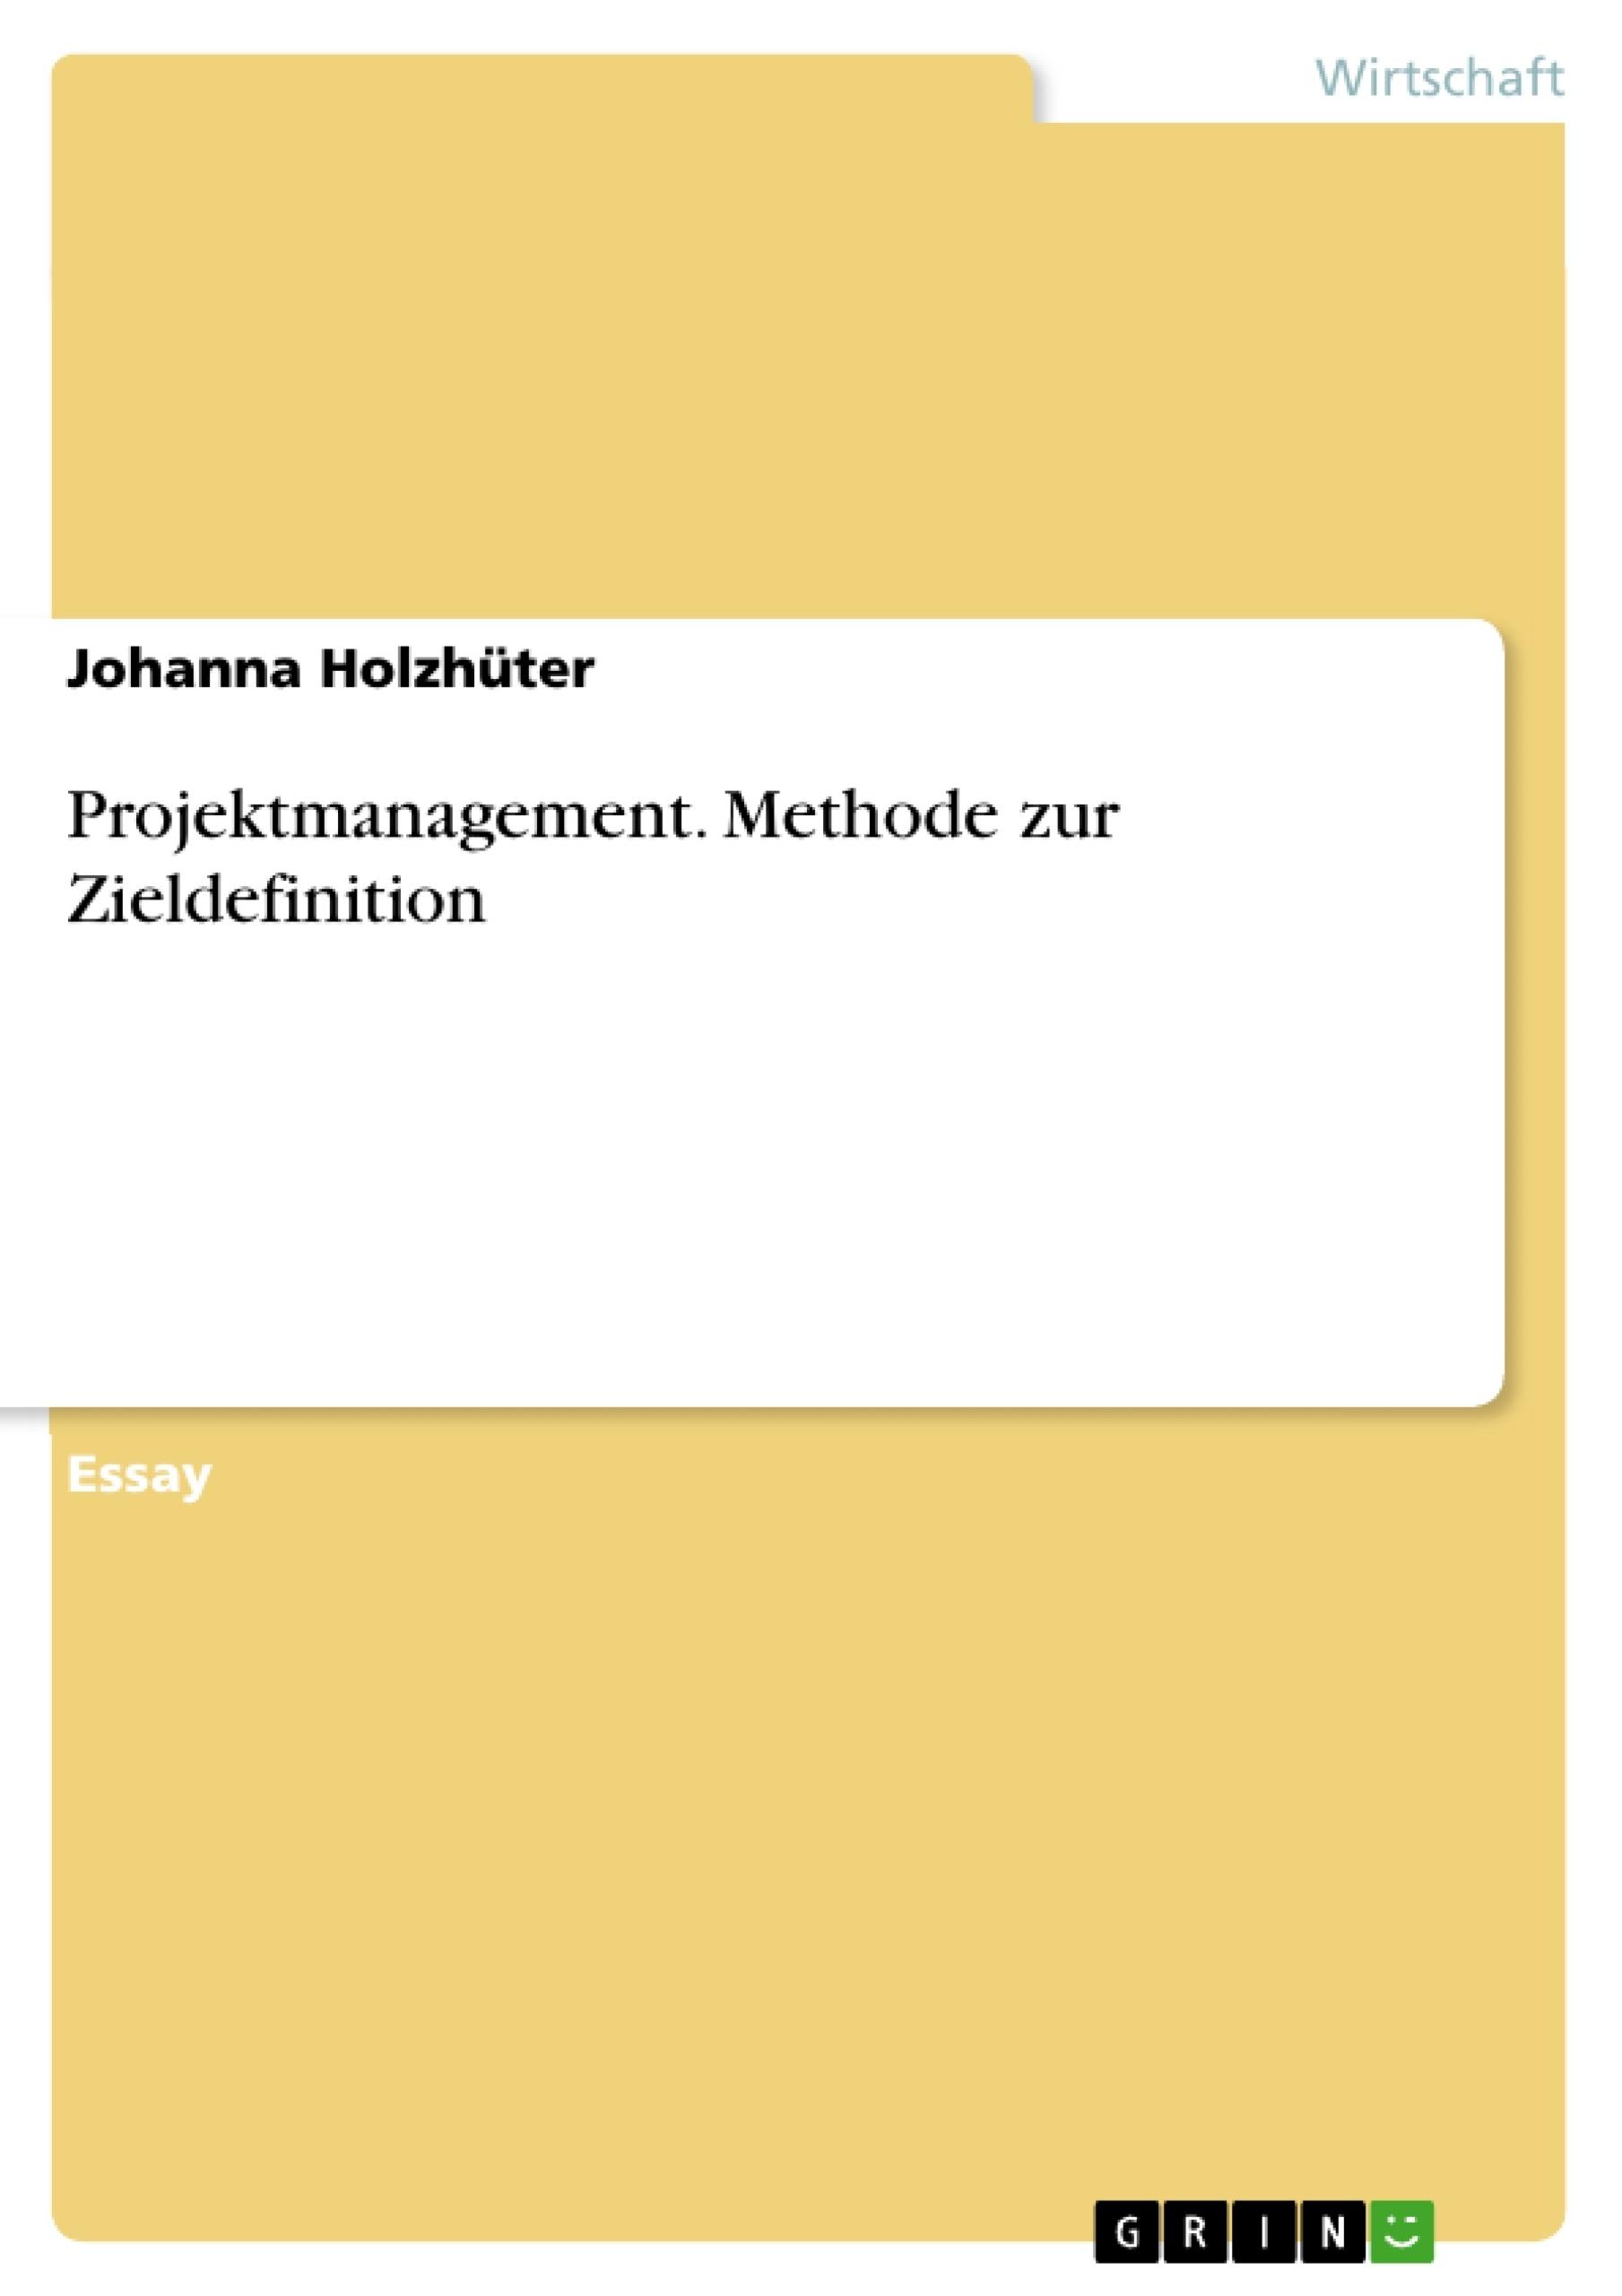 Titel: Projektmanagement. Methode zur Zieldefinition